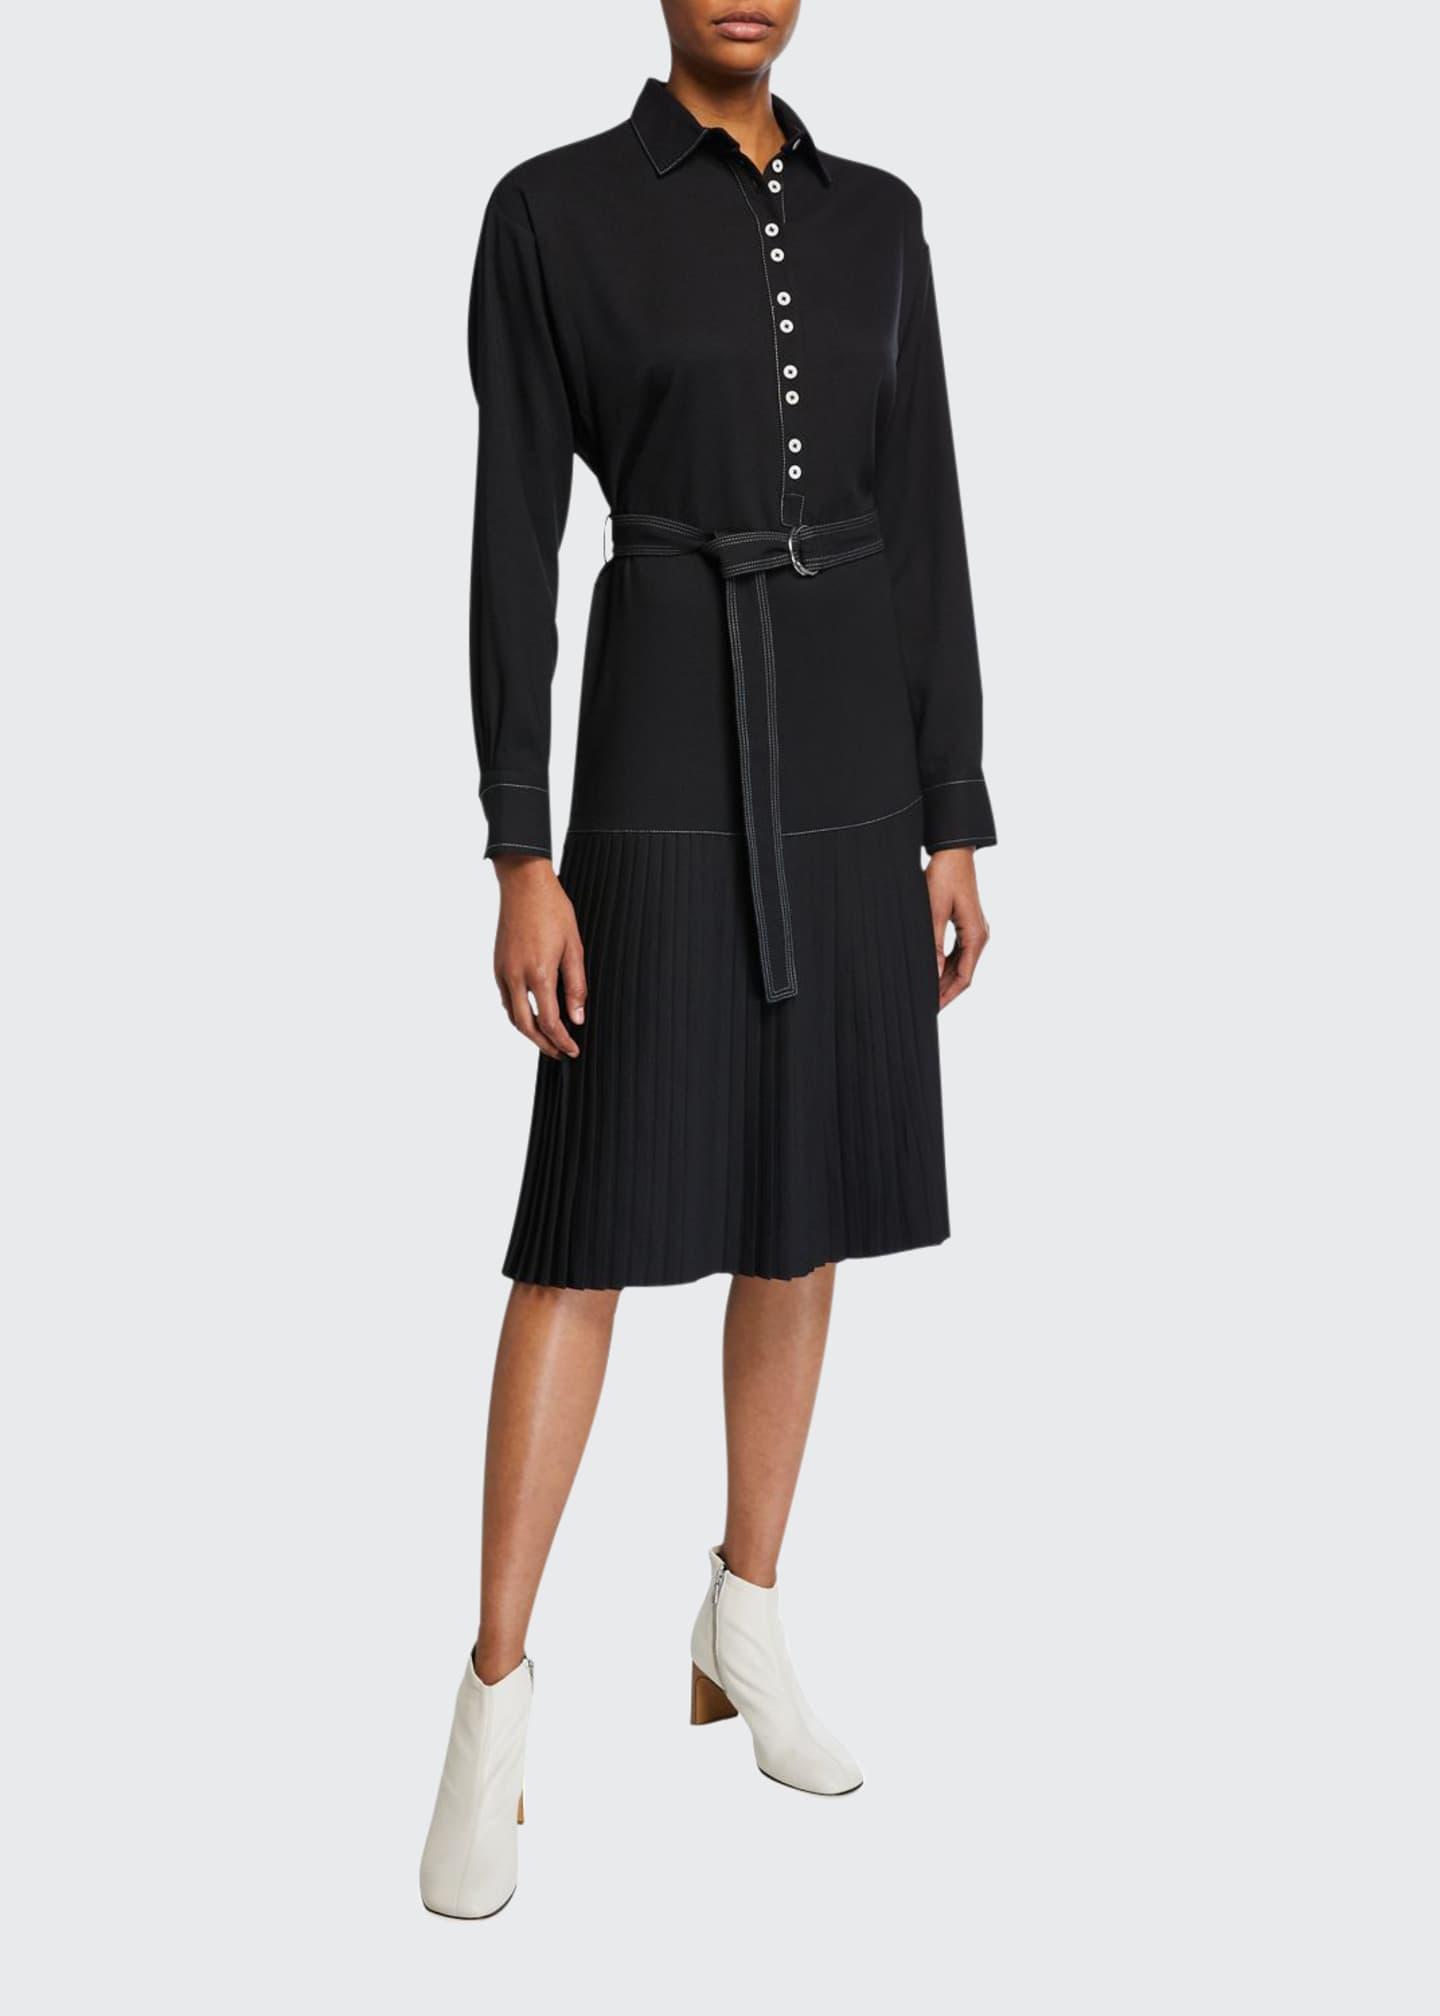 Proenza Schouler PSWL Long-Sleeve Drop-Waist Shirtdress